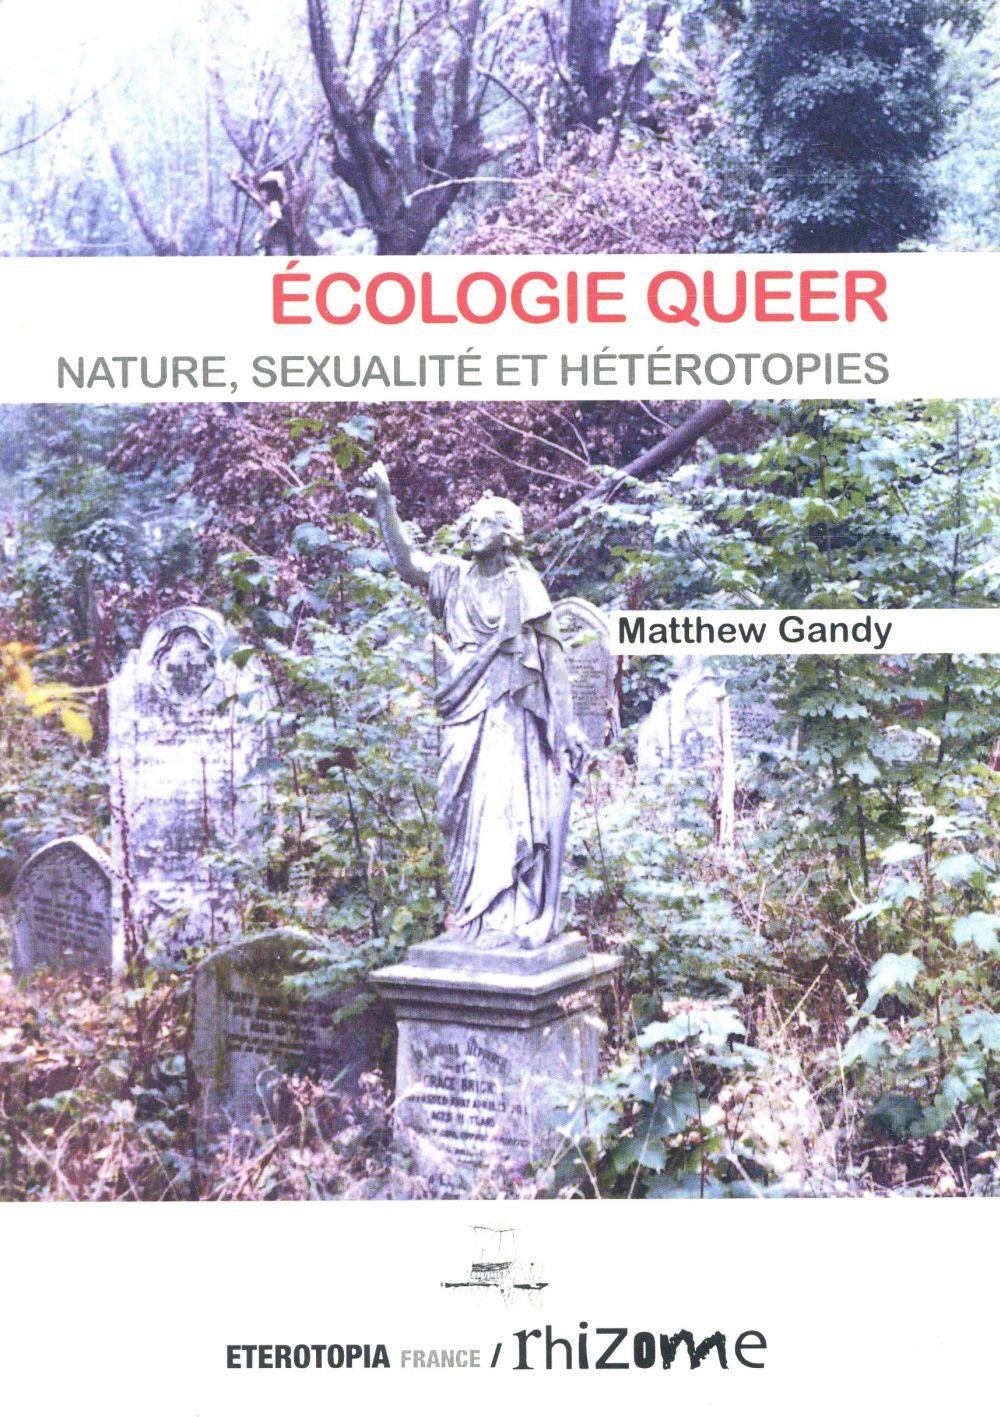 ECOLOGIE QUEER, NATURE, SEXUALITE ET HETEROTOPIE